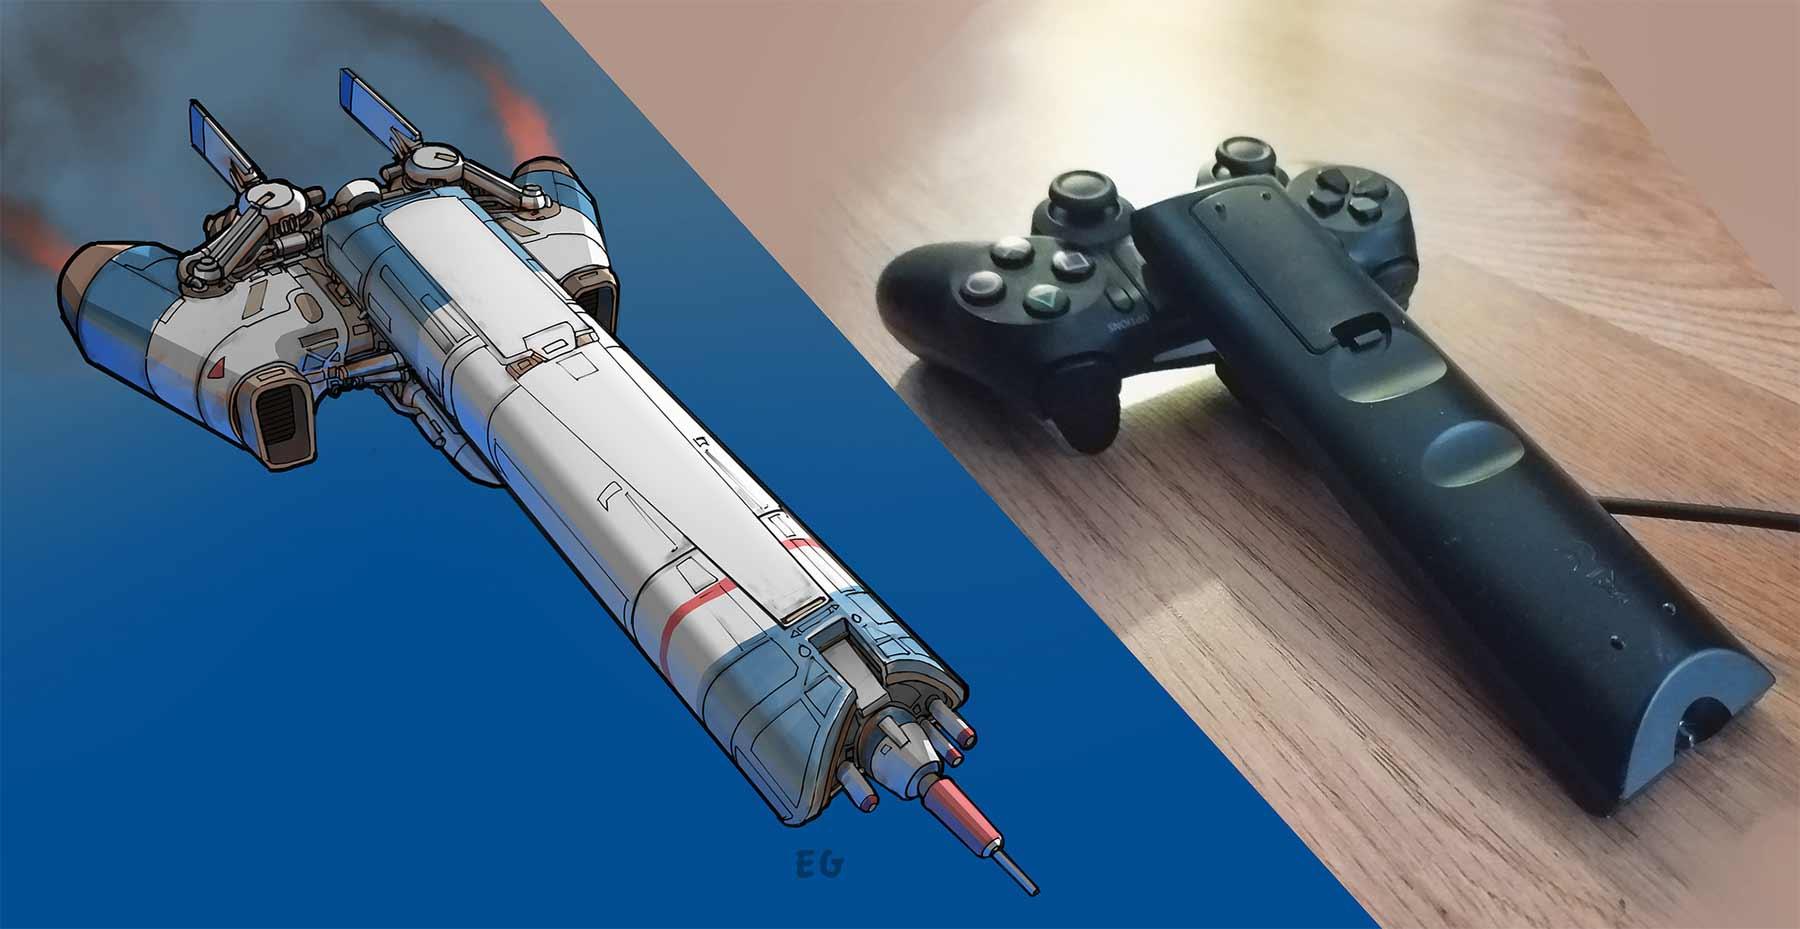 Aus langweiligen Alltagsgegenständen werden futuristische Raumschiffe